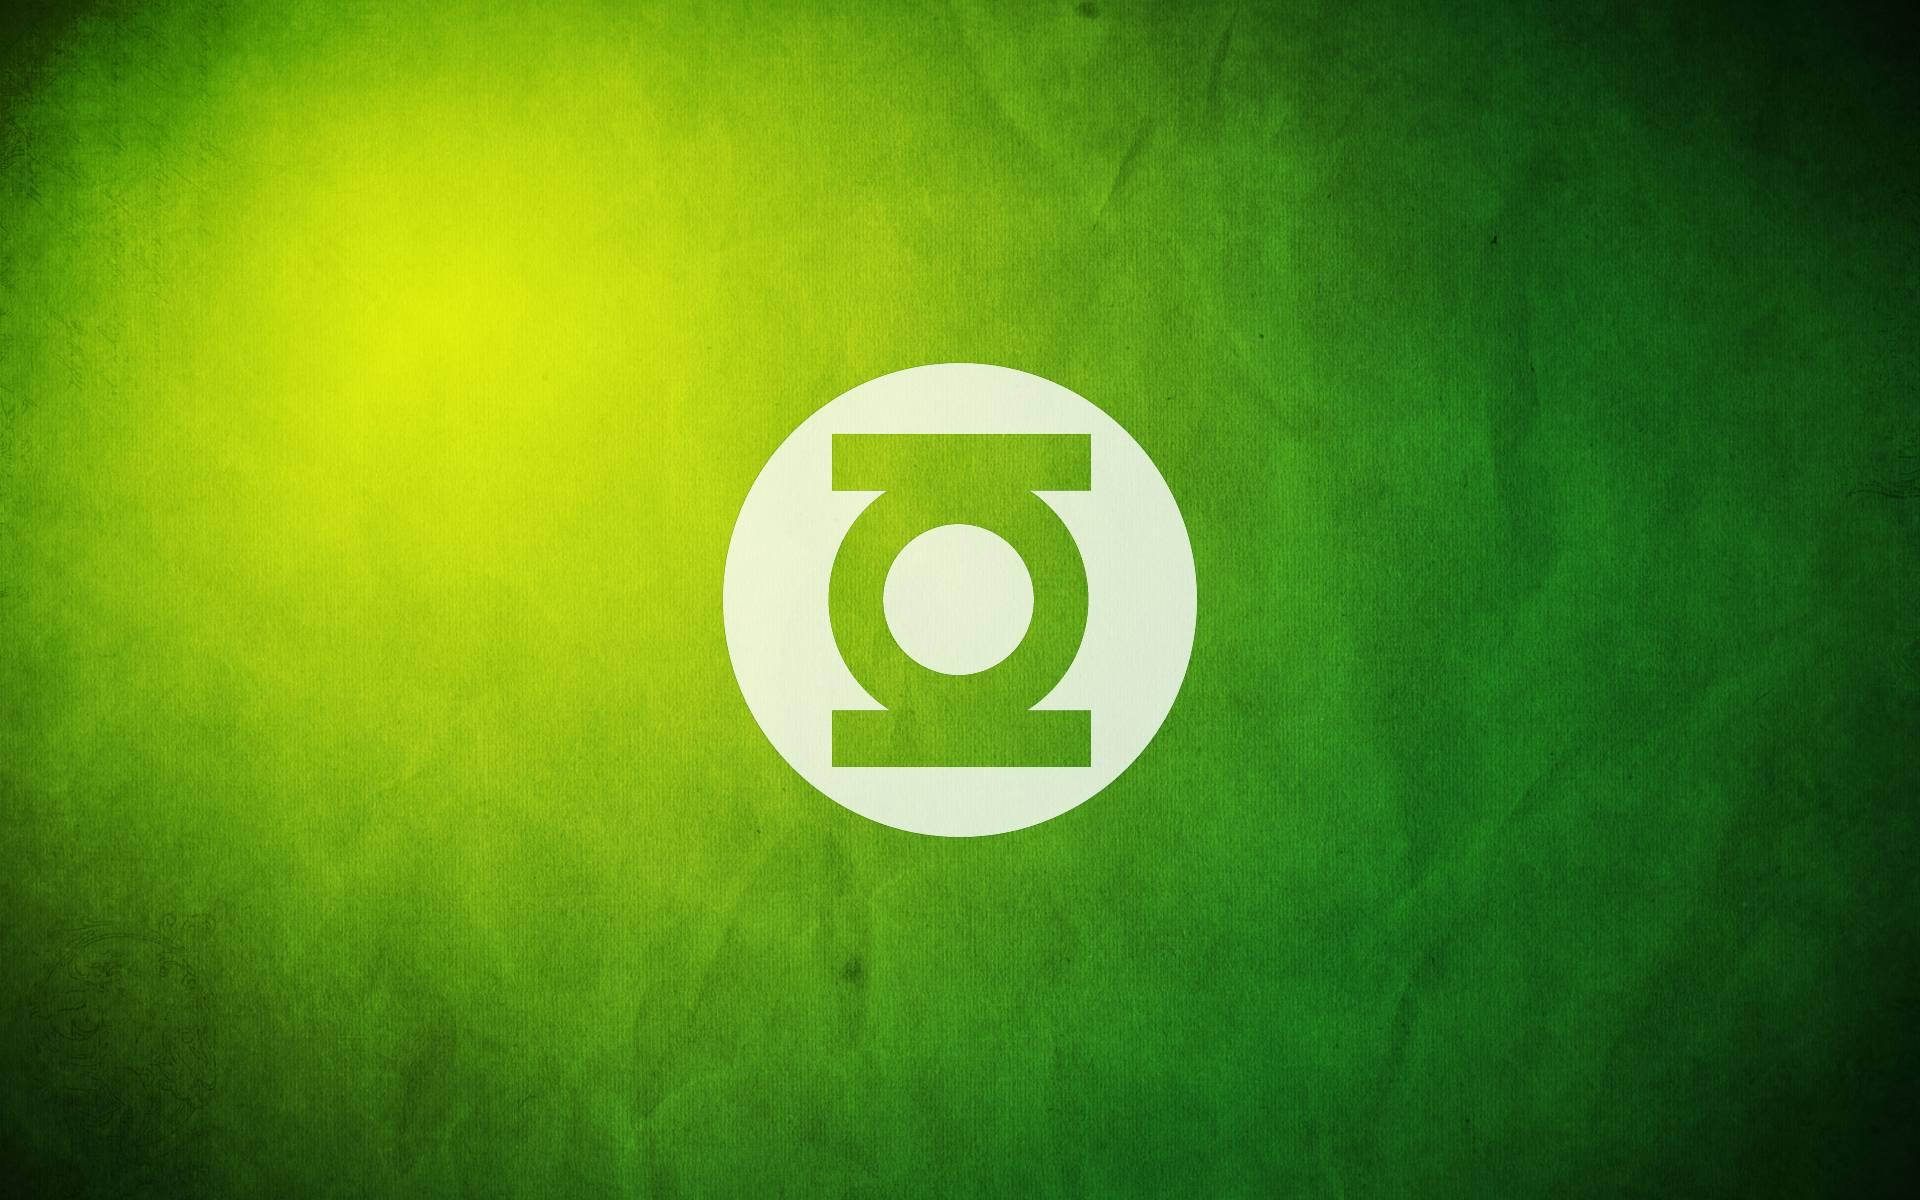 Green Lantern Logo Wallpaper 23536 1920x1200 Px HDWallSource